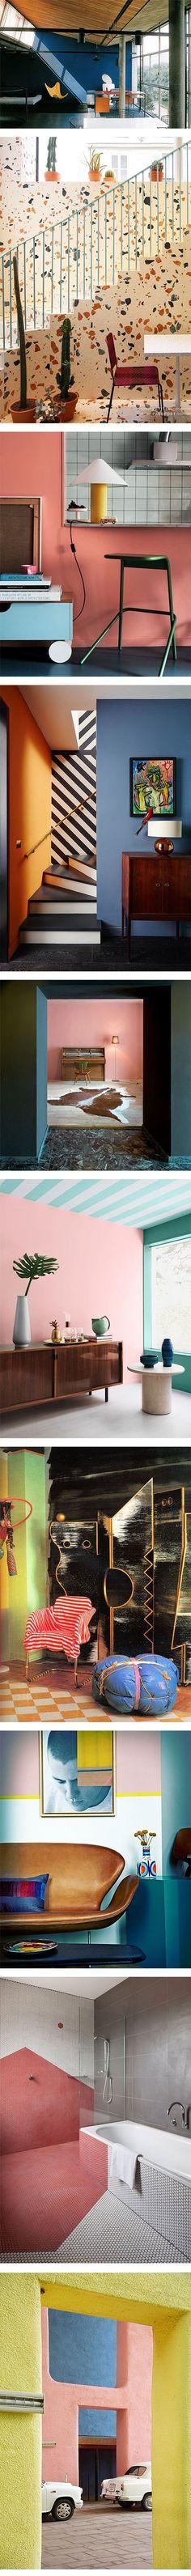 Brighten up your walls via Nuji.com